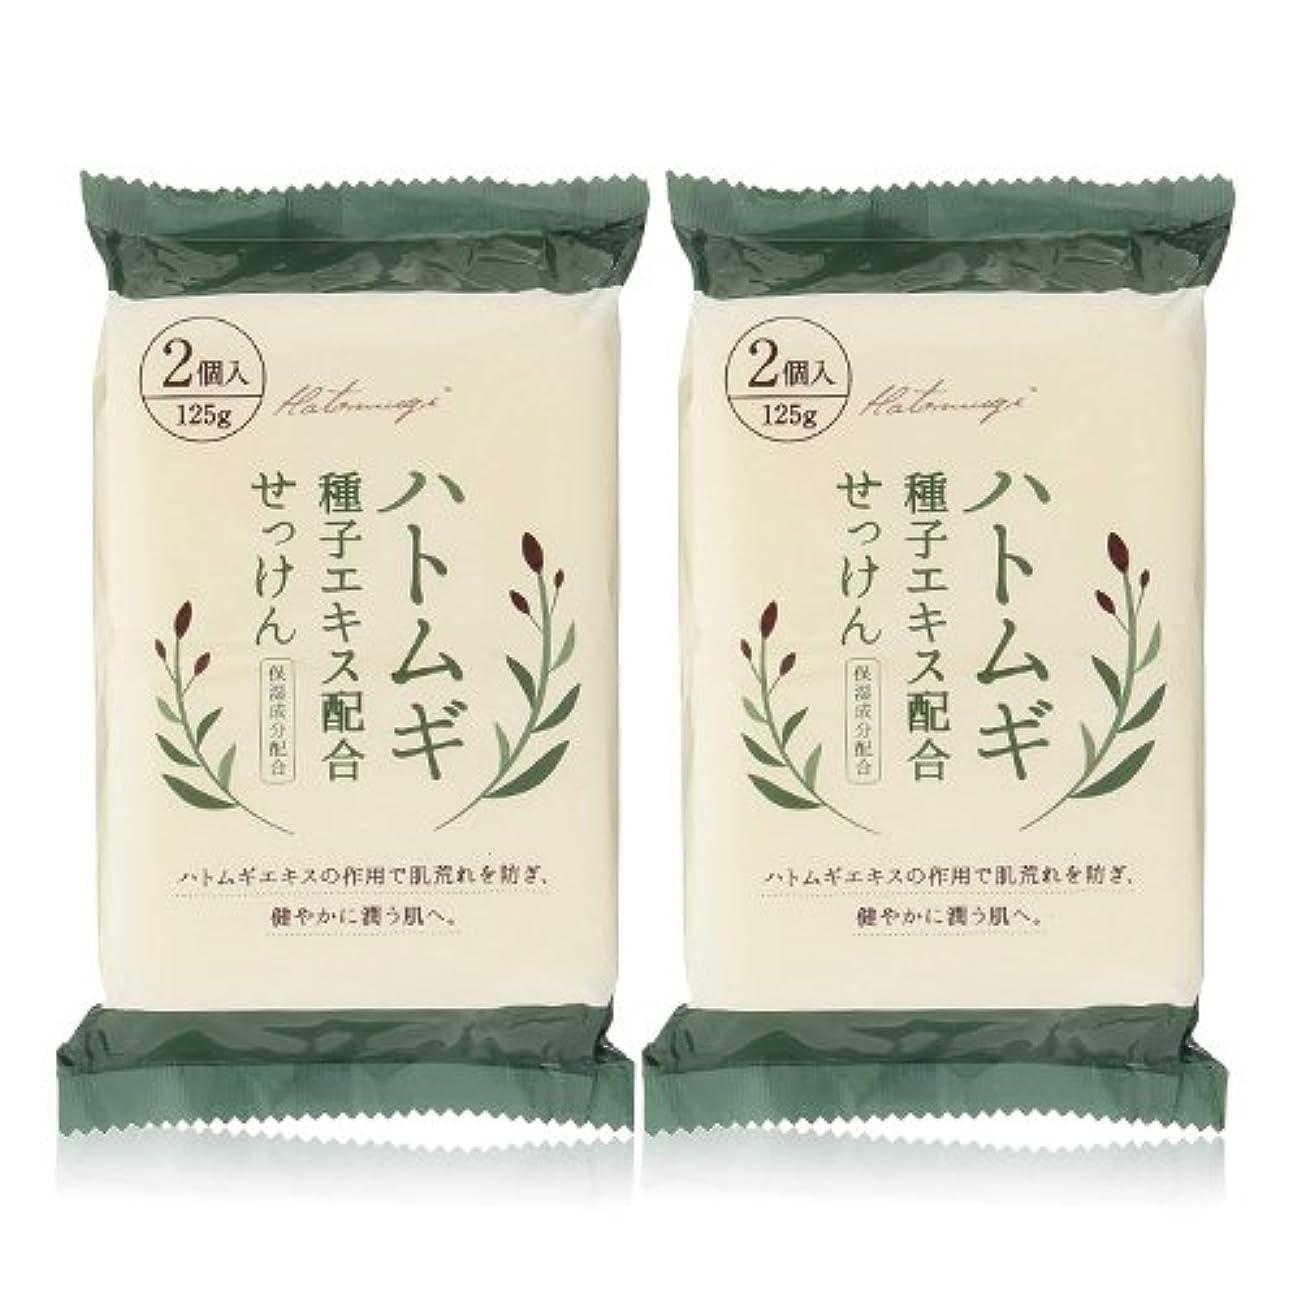 不機嫌付き添い人抜本的なハトムギ種子エキス配合石けん 125g(2コ入)×2個セット(計4個)